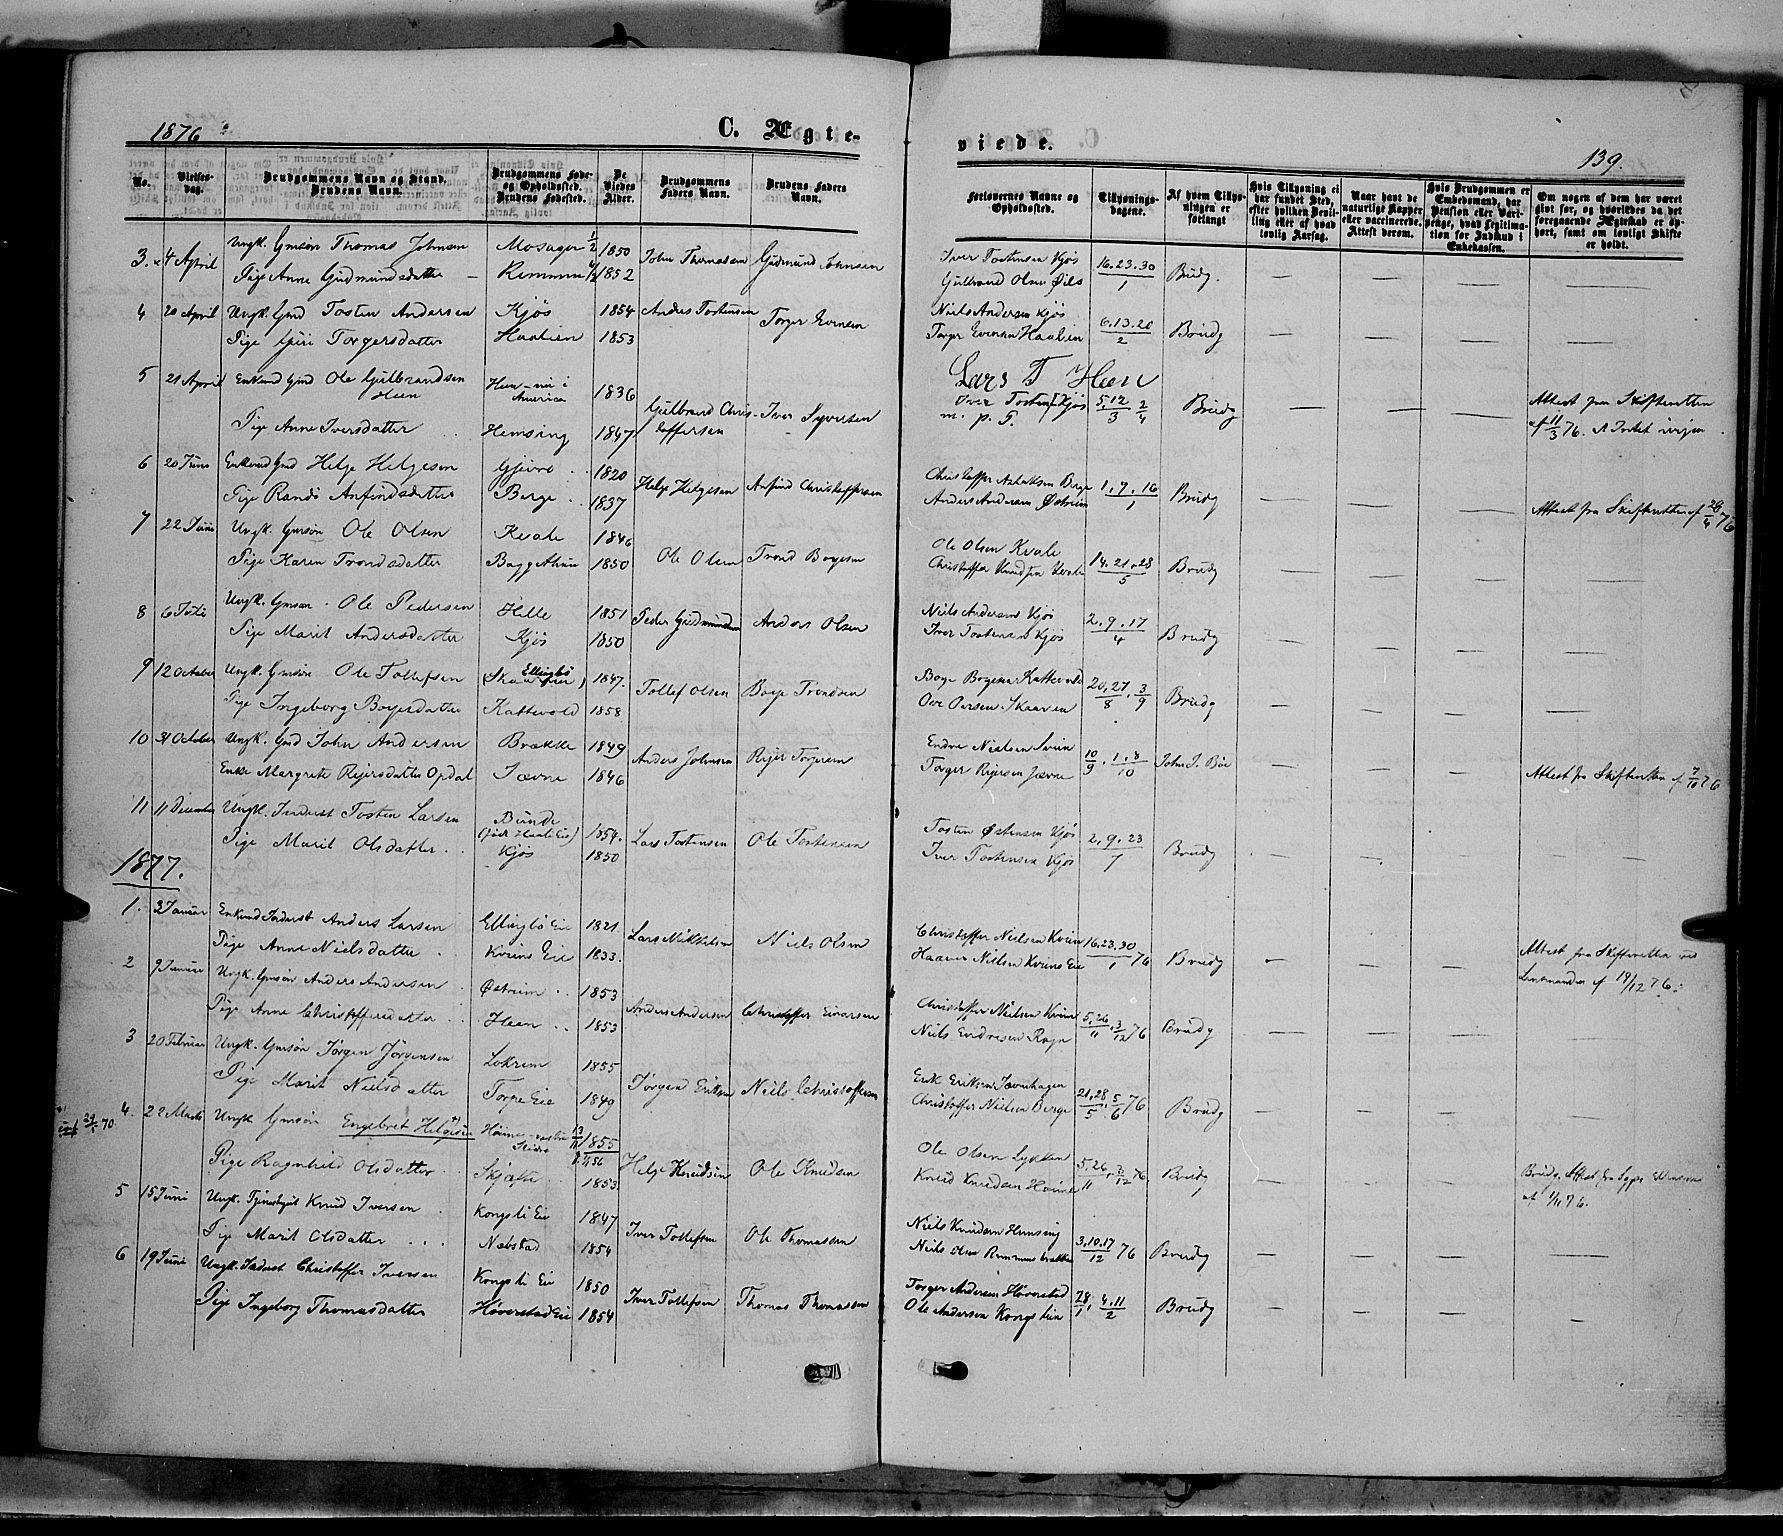 SAH, Vang prestekontor, Valdres, Ministerialbok nr. 7, 1865-1881, s. 139